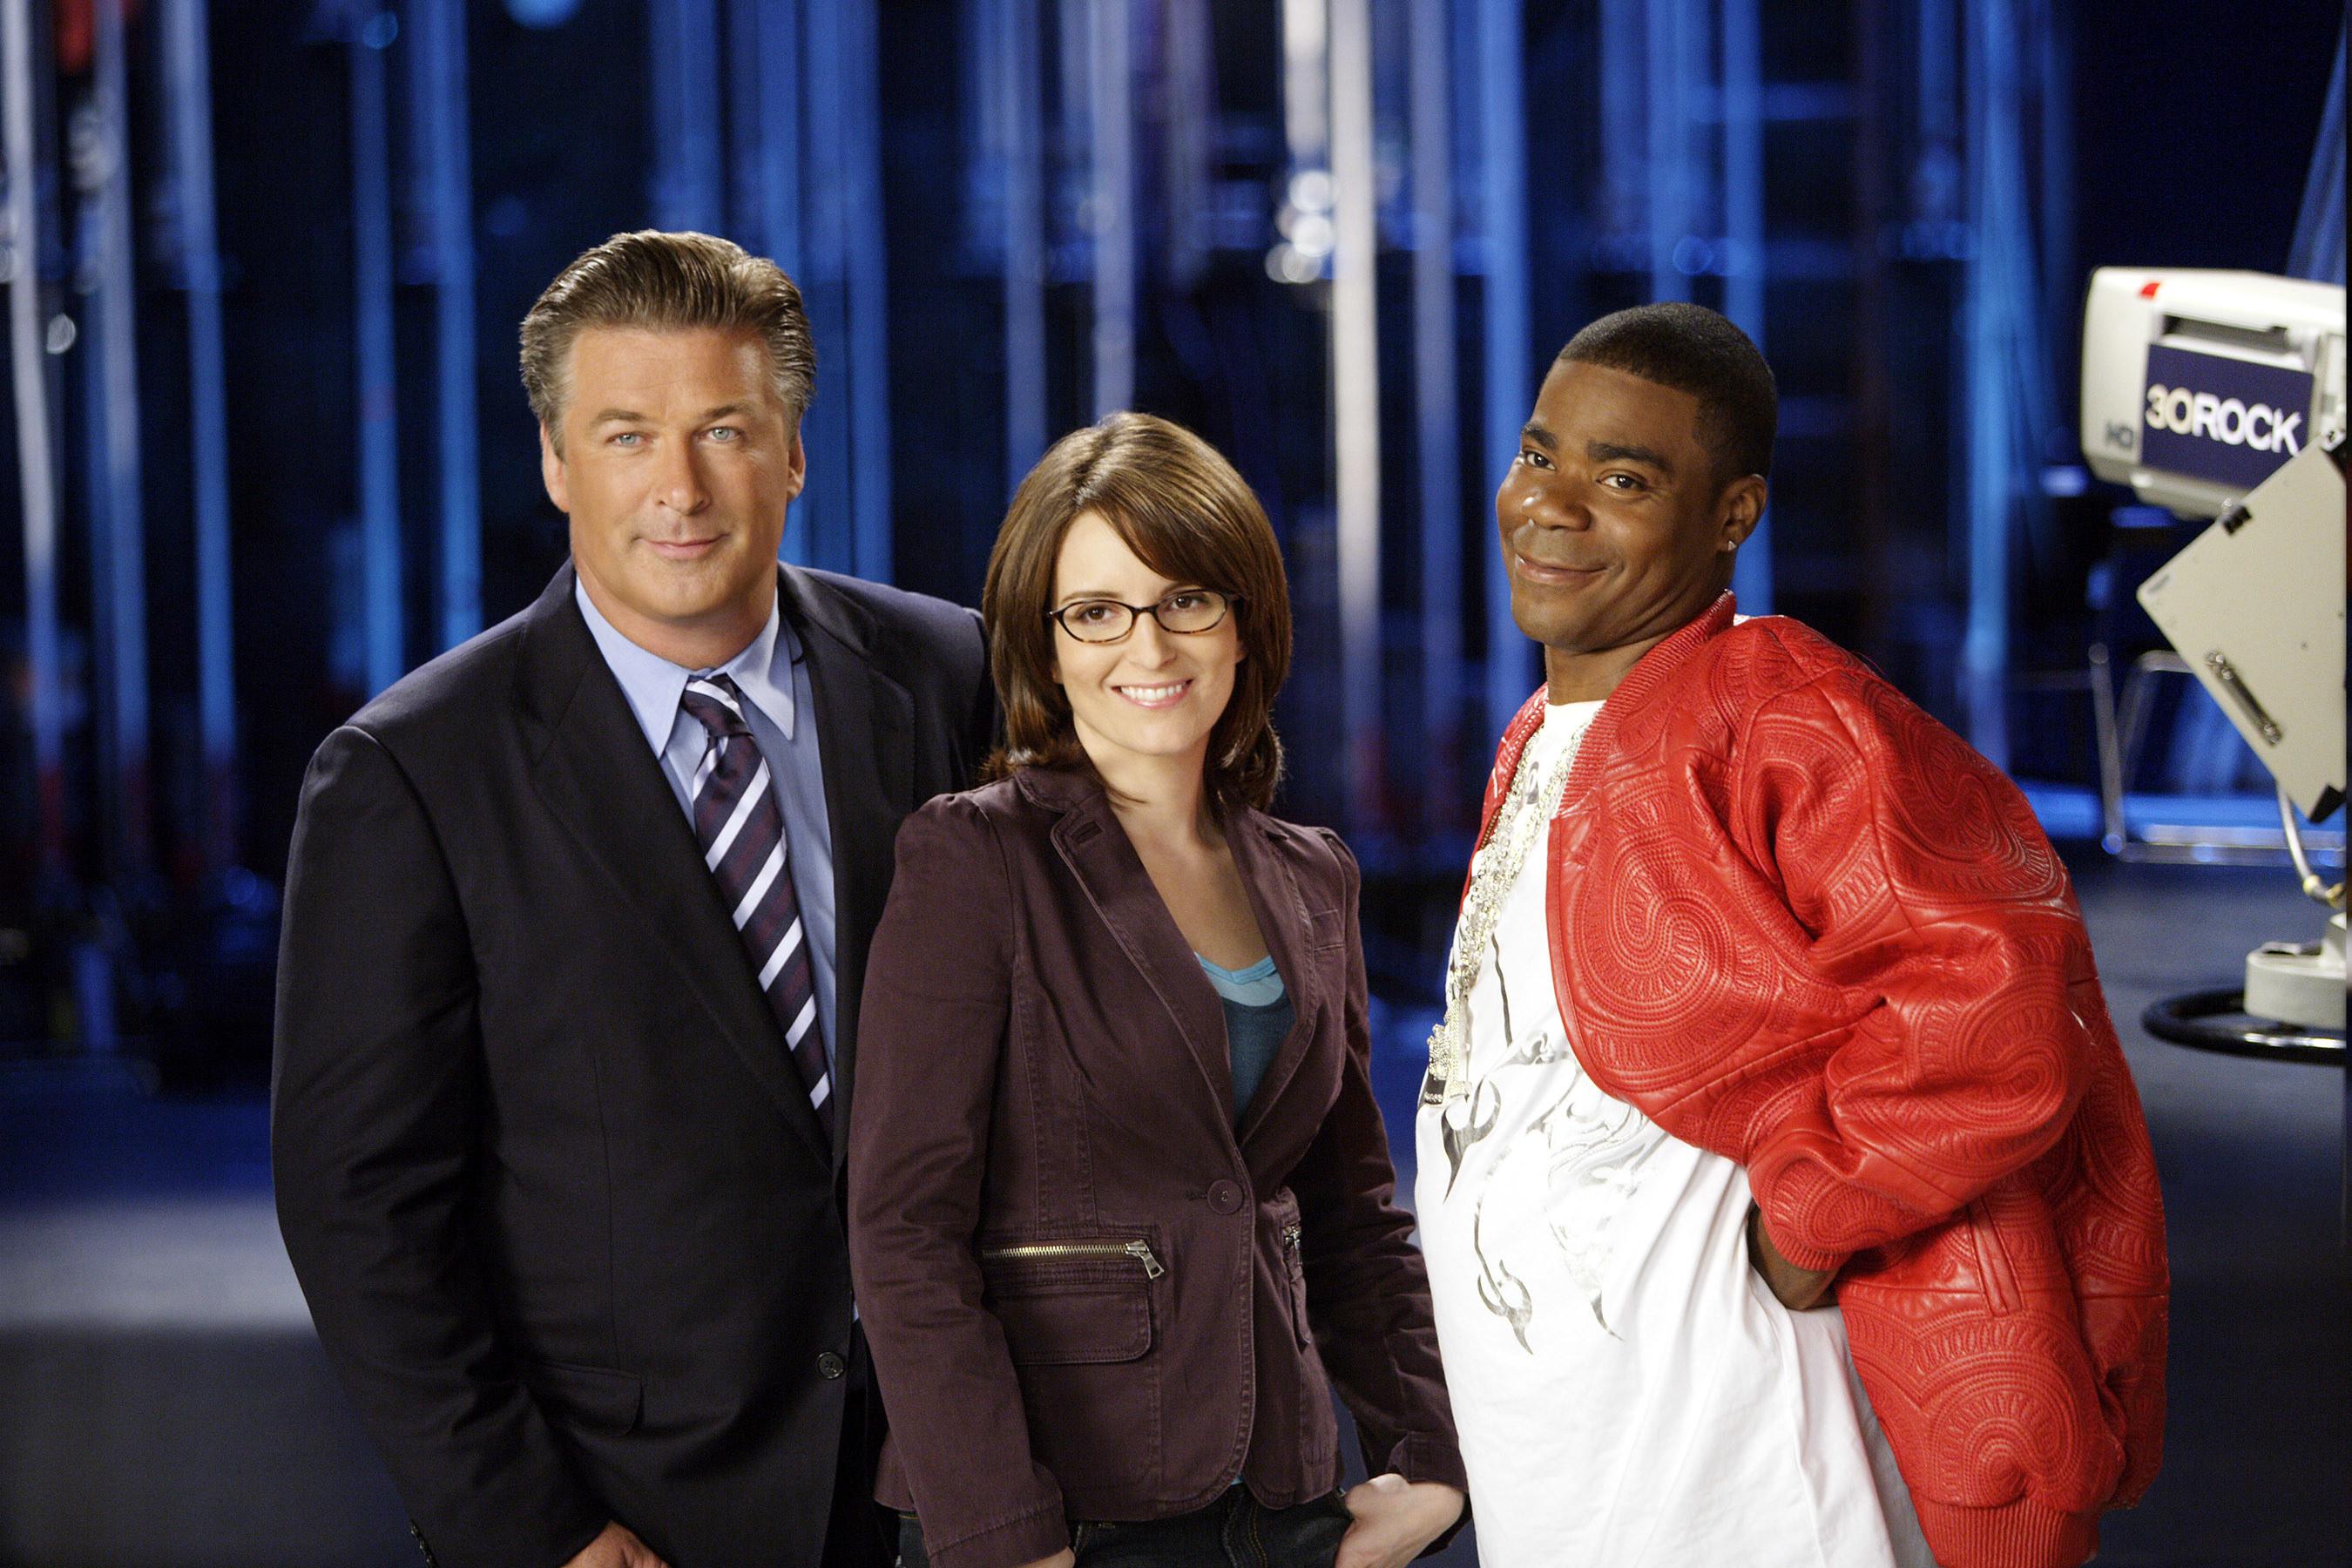 Alec Baldwin, Tina Fey, and Tracy Morgan posing for a promo photo